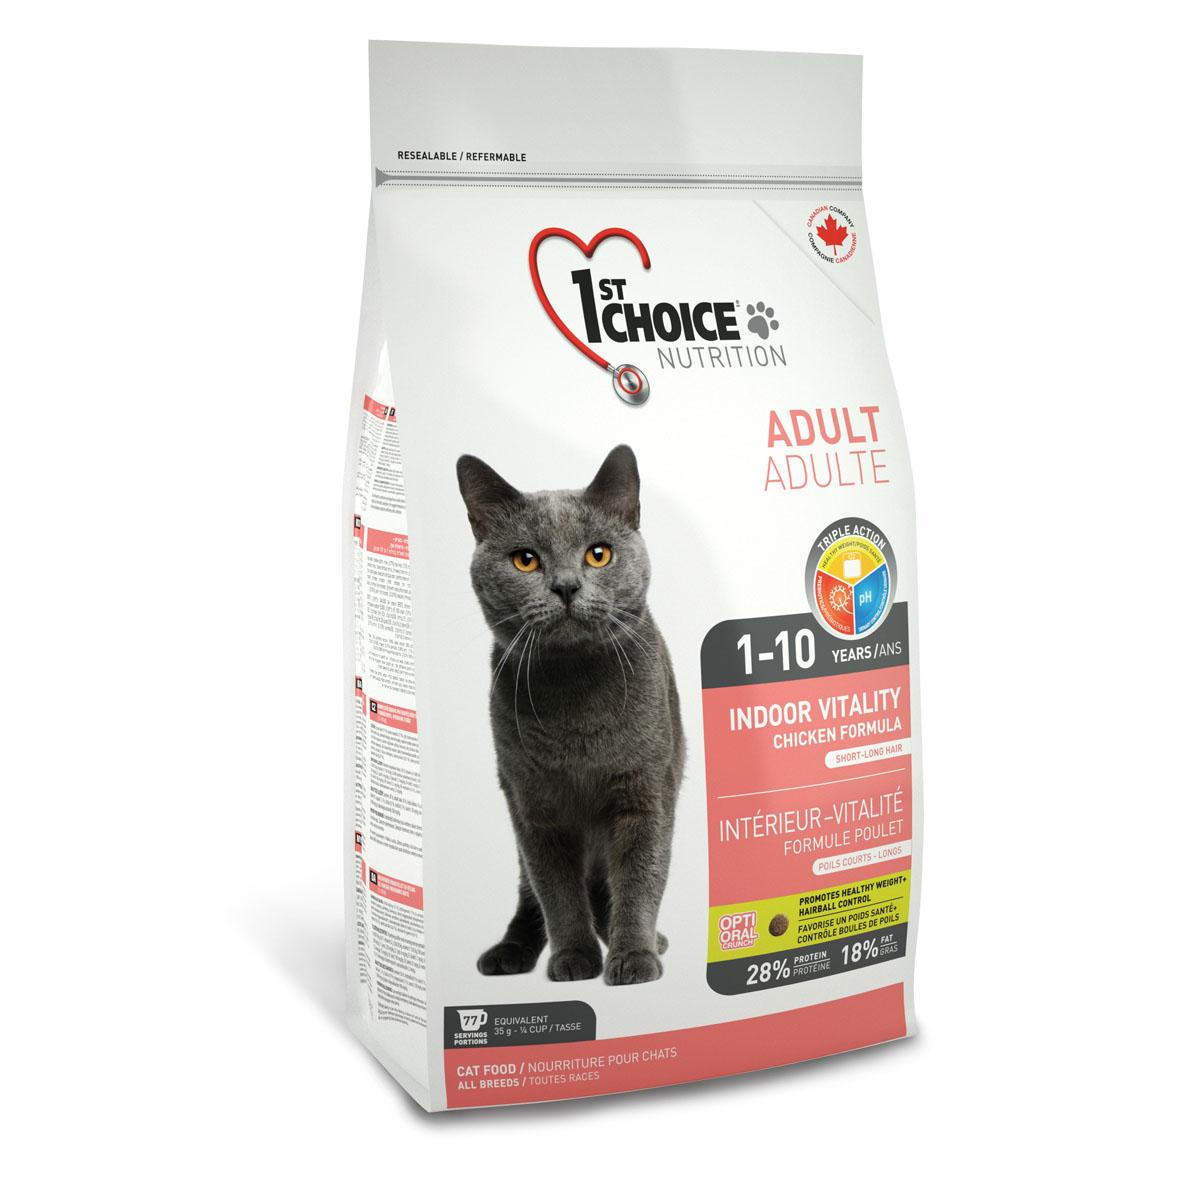 Корм сухой 1st Choice Adult для живущих в помещении взрослых кошек, с курицей, 907 г56664Сухой корм 1st Choice Adult - идеальная формула для домашних кошек со специальными тщательно отобранными ингредиентами. Помогает сохранить идеальную кондицию и оптимальный вес. Идеальный рН-баланс для здоровья мочевыделительной системы. Содержит экстракт юкки Шидигера, которая связывает аммиак и уменьшает запах экскрементов. Состав: свежая курица 17%, мука из мяса курицы 17%, рис, гороховый протеин, куриный жир, сохраненный смесью натуральных токоферолов (витамин Е), мякоть свеклы, коричневый рис, специально обработанные ядра ячменя и овса, сушеное яйцо, гидролизат куриной печени, цельное семя льна, жир лосося, сушеная мякоть томата, клетчатка гороха, калия хлорид, лецитин, кальция карбонат, холина хлорид, соль, кальция пропионат, натрия бисульфат, таурин, DL- метионин, L-лизин, экстракт дрожжей (источник маннан-олигосахаридов), железа сульфат, аскорбиновая кислота (витамин С), экстракт цикория (источник инулина), цинка оксид, натрия селенит, альфа-токоферол ацетат (витамин...